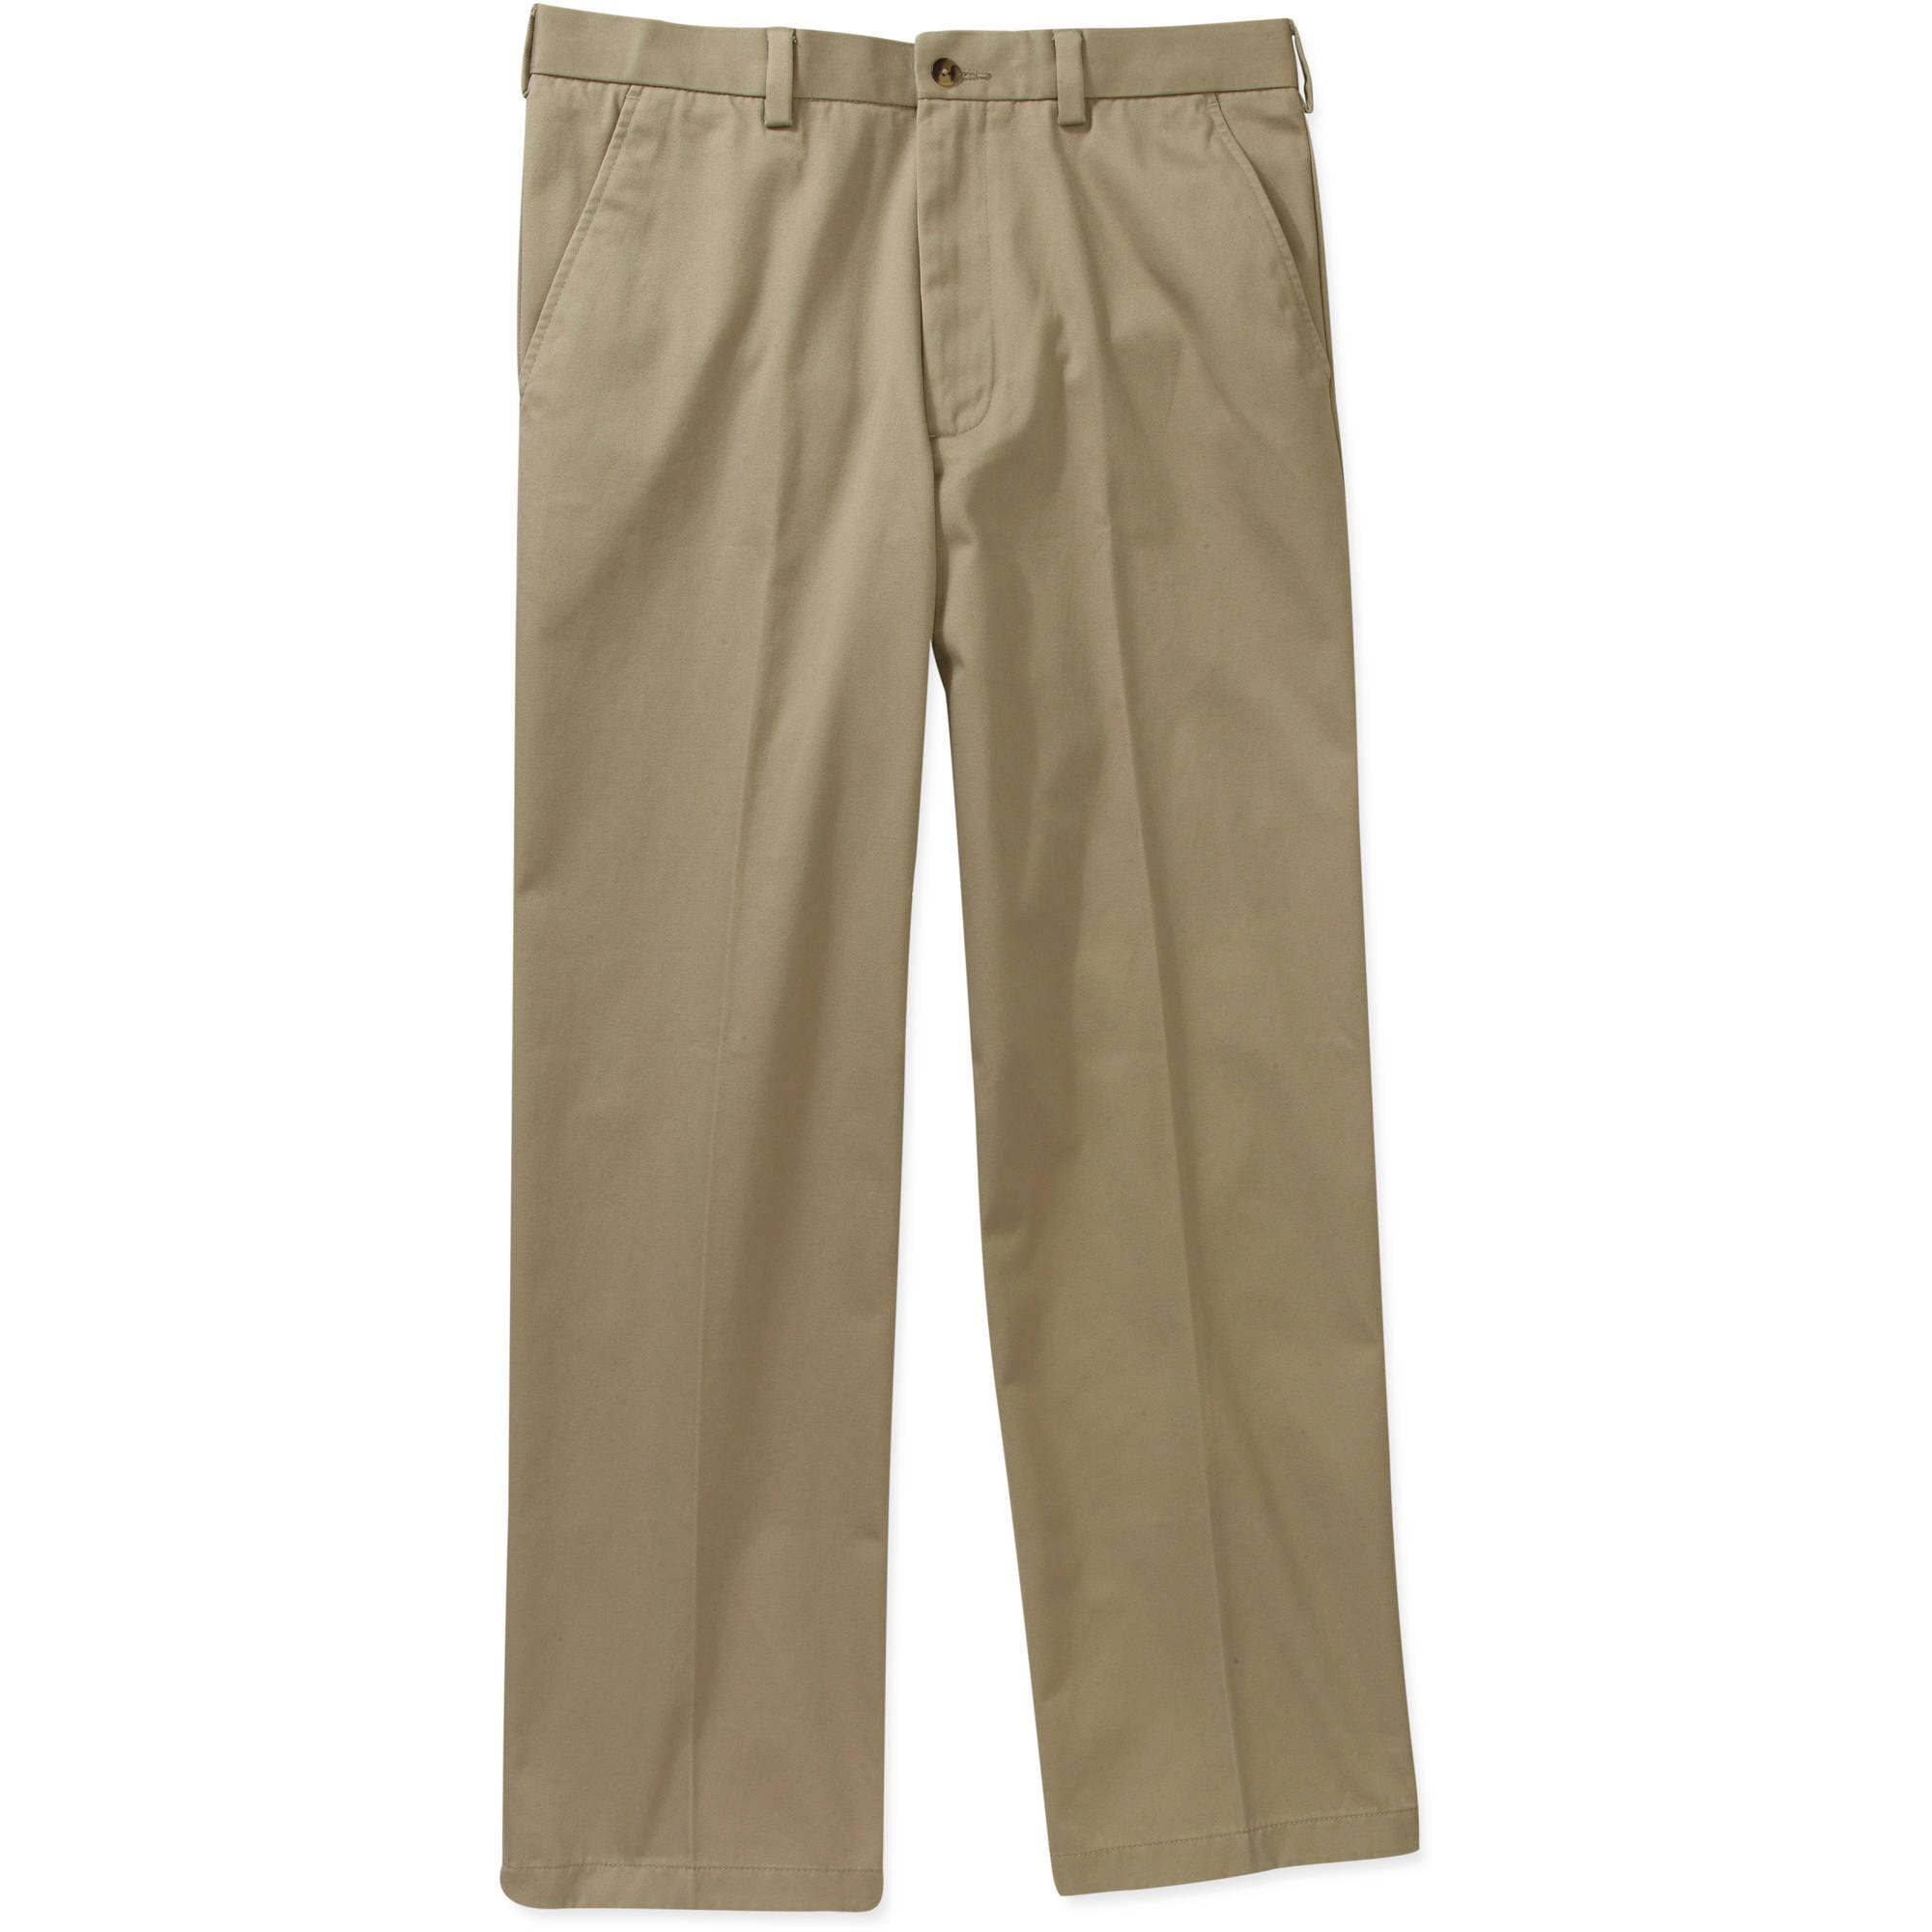 28 X 32 Khaki Pants